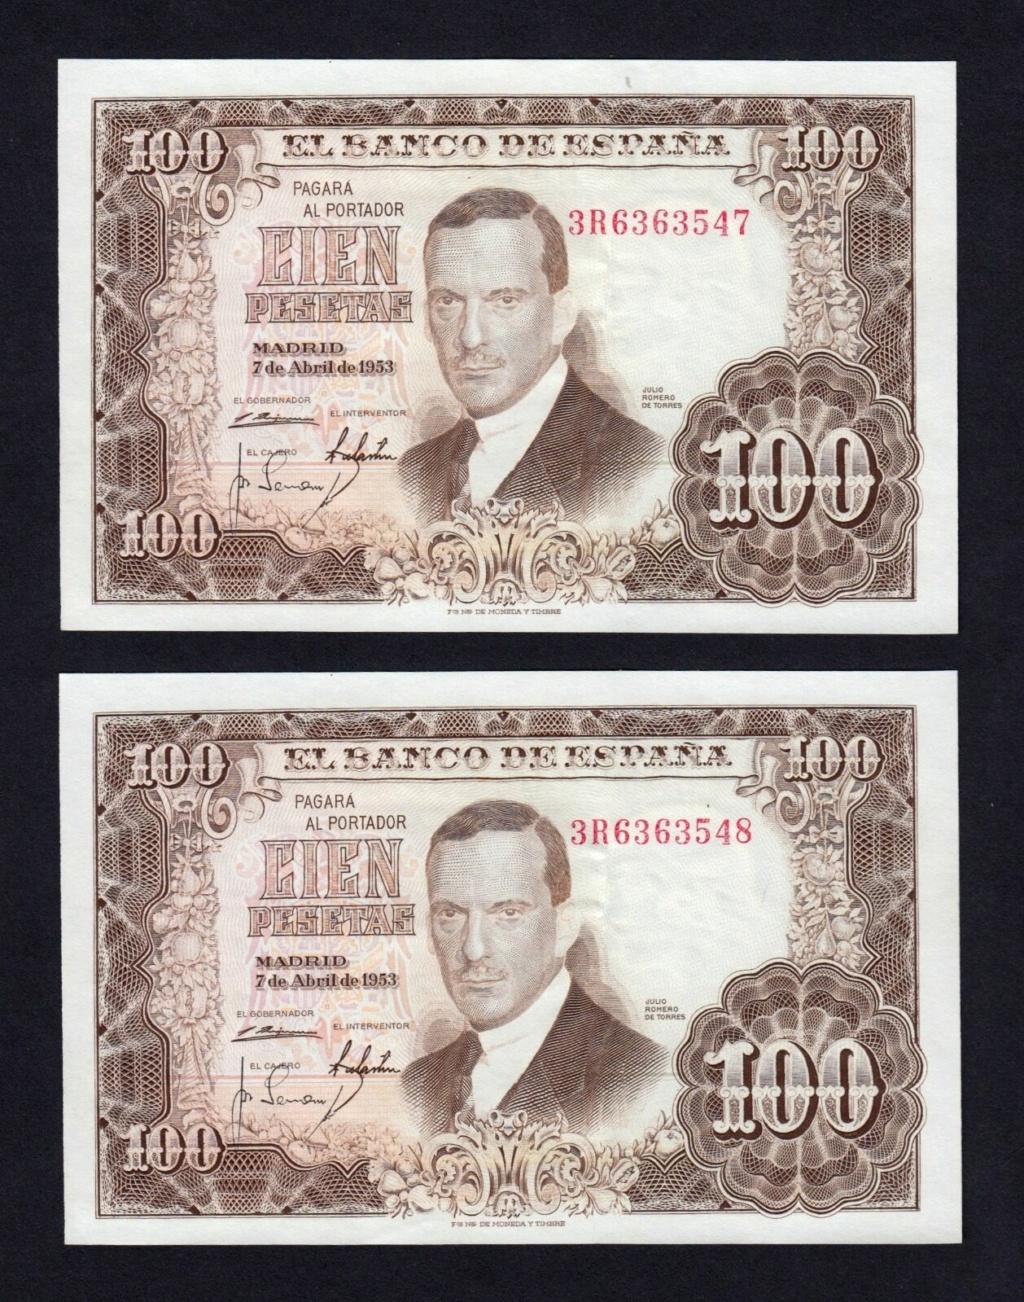 Investigación - Billetes de 100 pts 1953 Romero de Torres 3r10